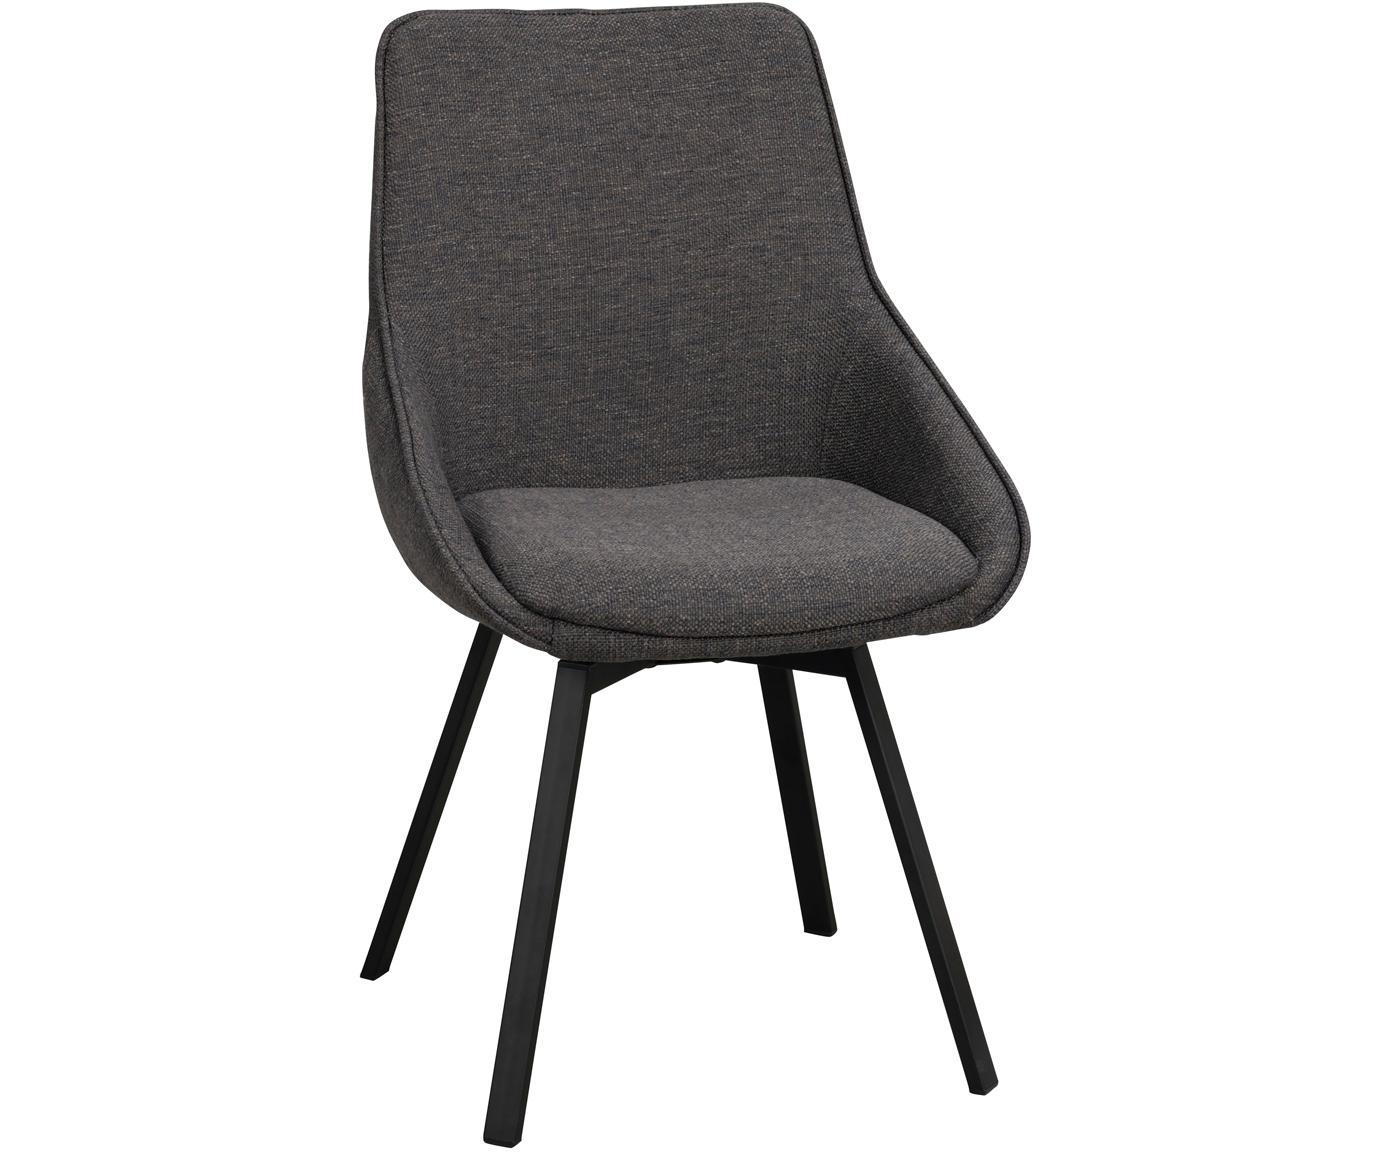 Draaistoel Alison, Bekleding: polyester, Poten: gepoedercoat metaal, Grijs, zwart, B 51 x D 57 cm